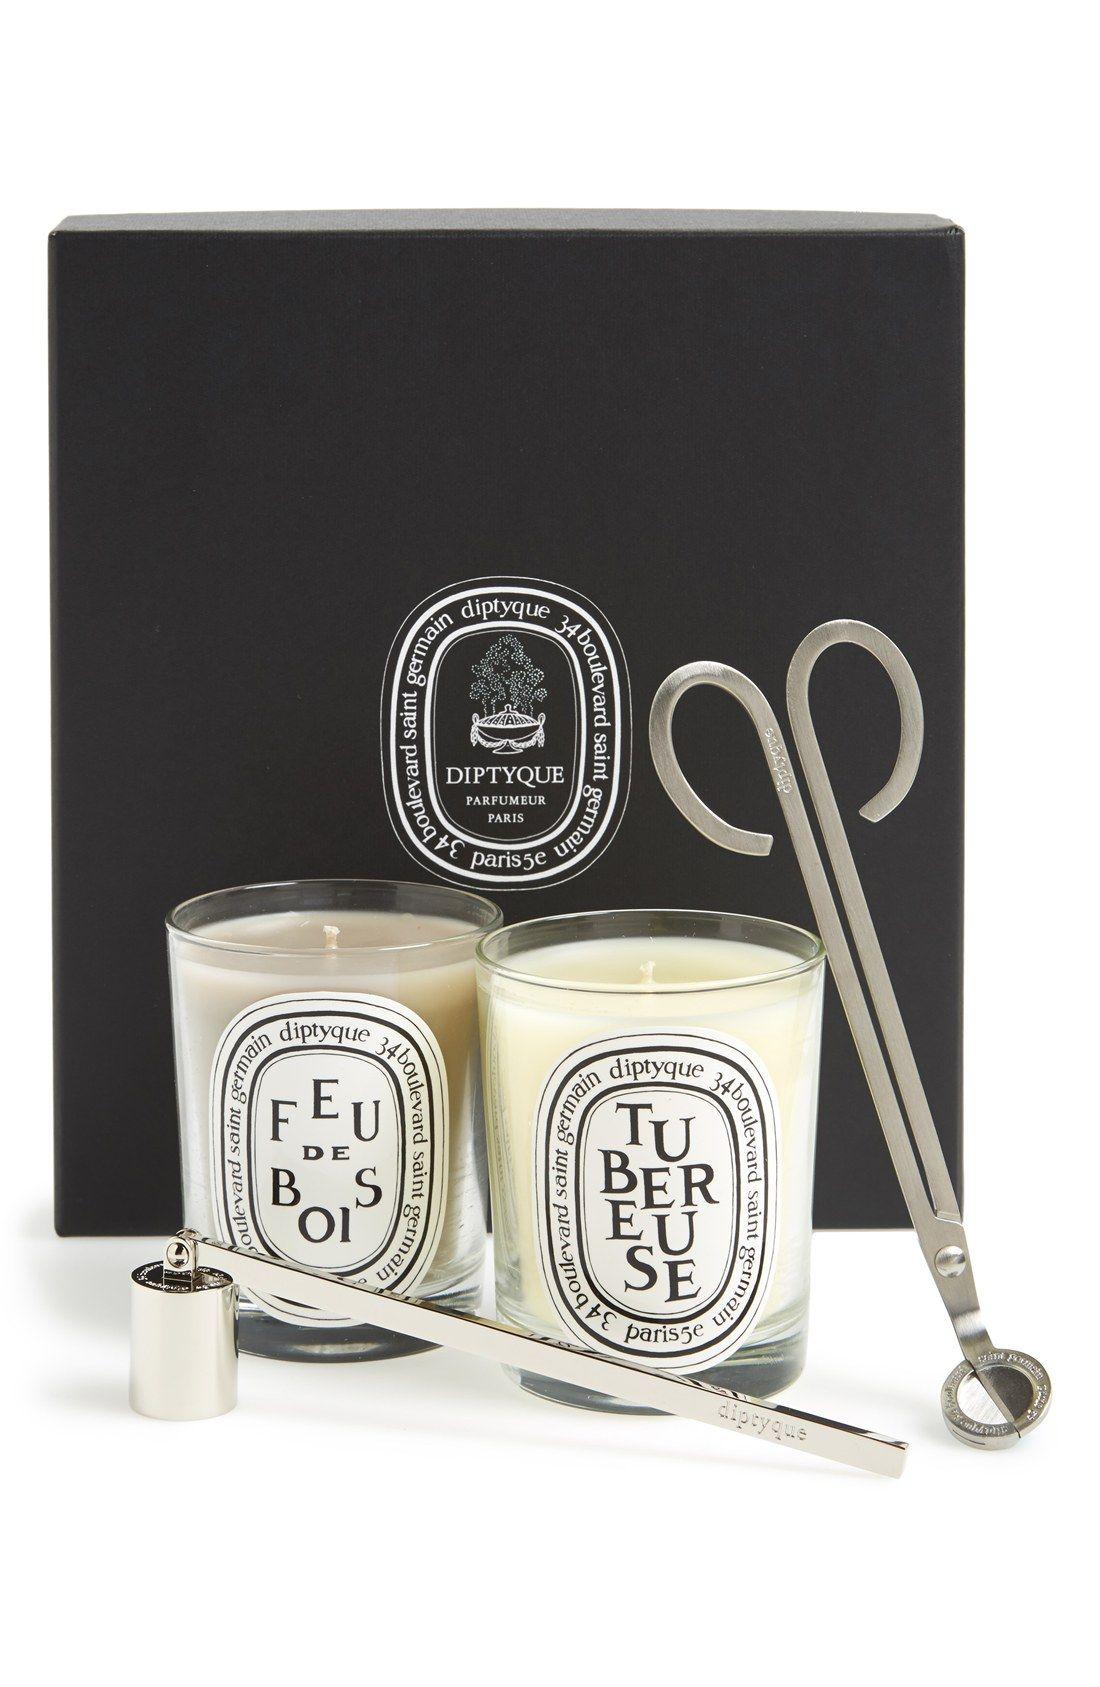 diptyque 'Tubereuse & Feu de Bois' Candle Set $20 Value ...